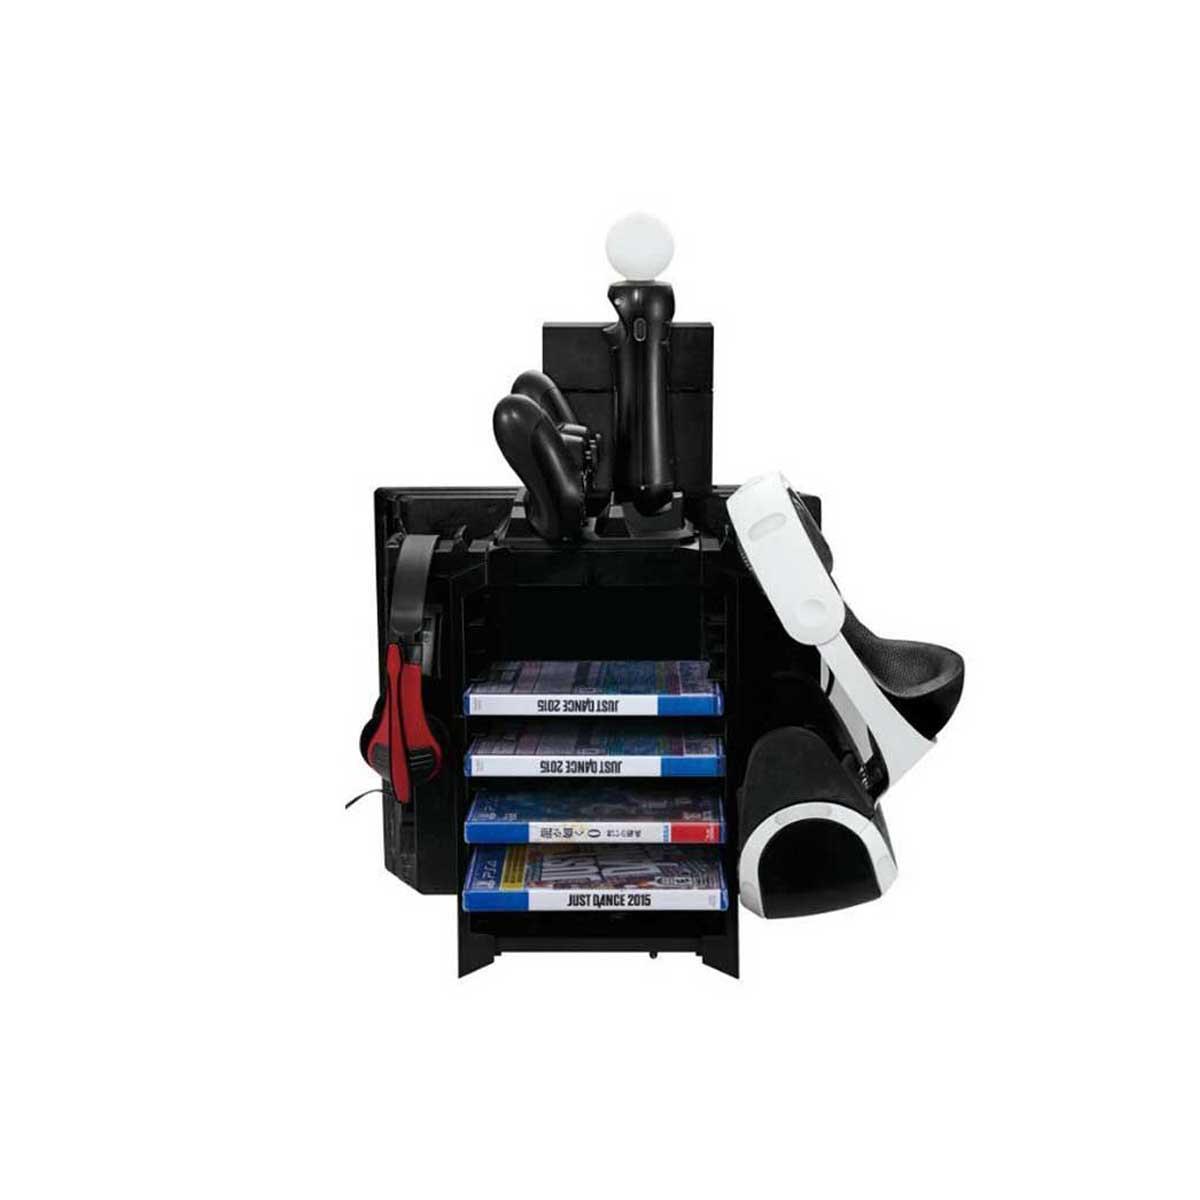 خرید پایه نگهدارنده پلی استیشن 4 مدل KJH 60